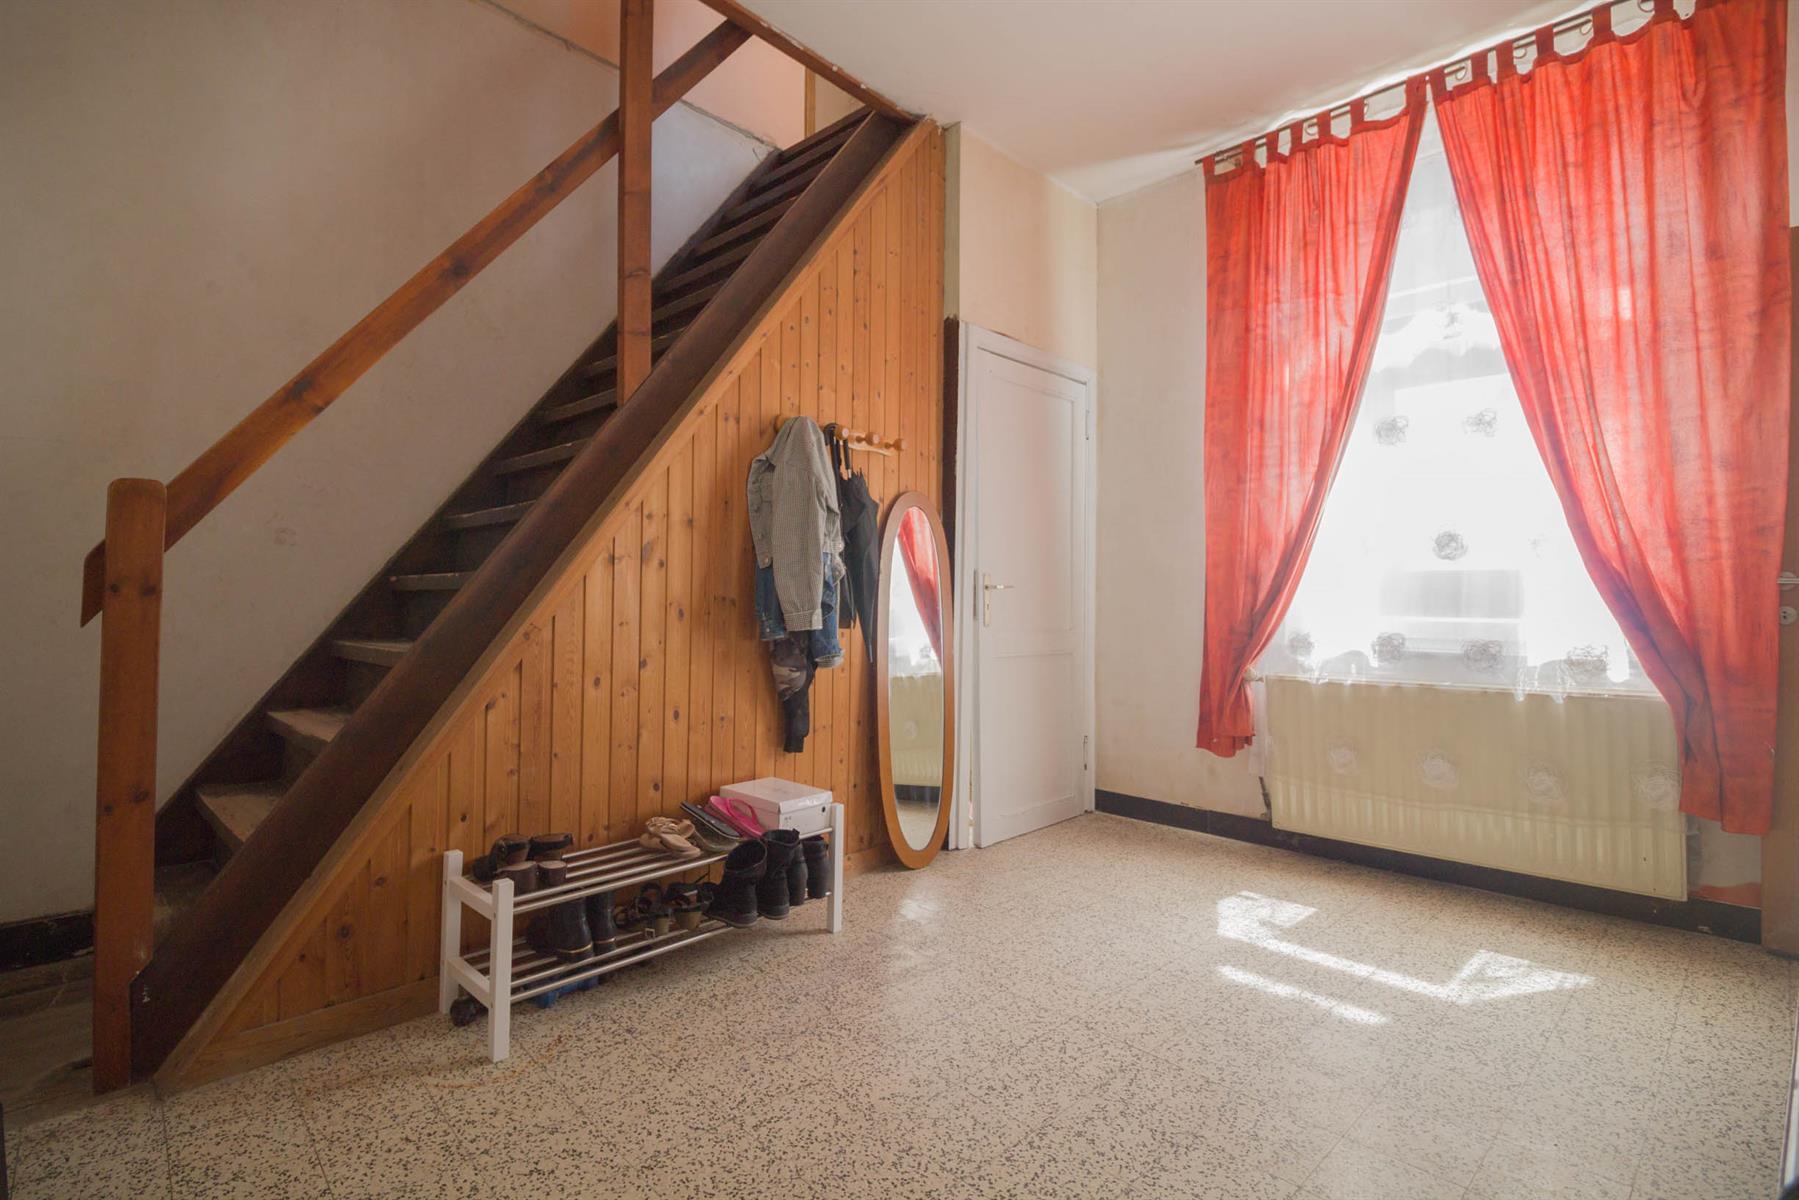 Maison - Monceau-sur-Sambre - #4536955-14